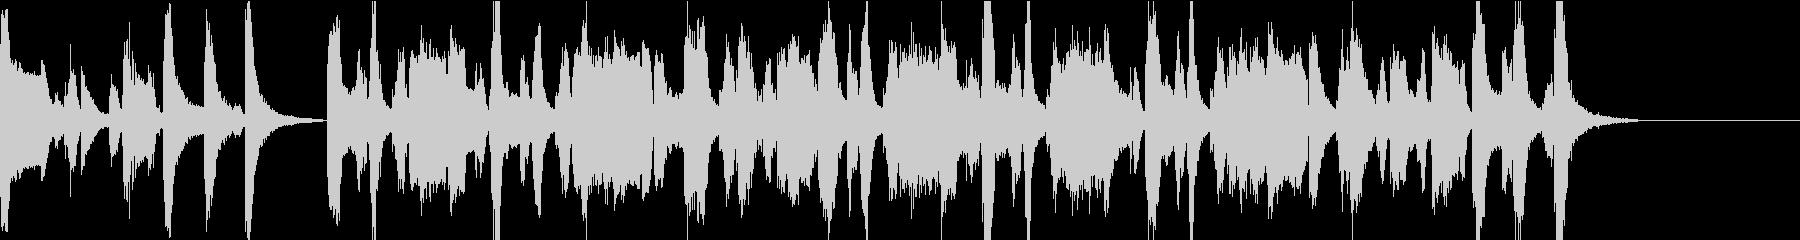 お座敷遊び歌 菊の花の替え歌の未再生の波形